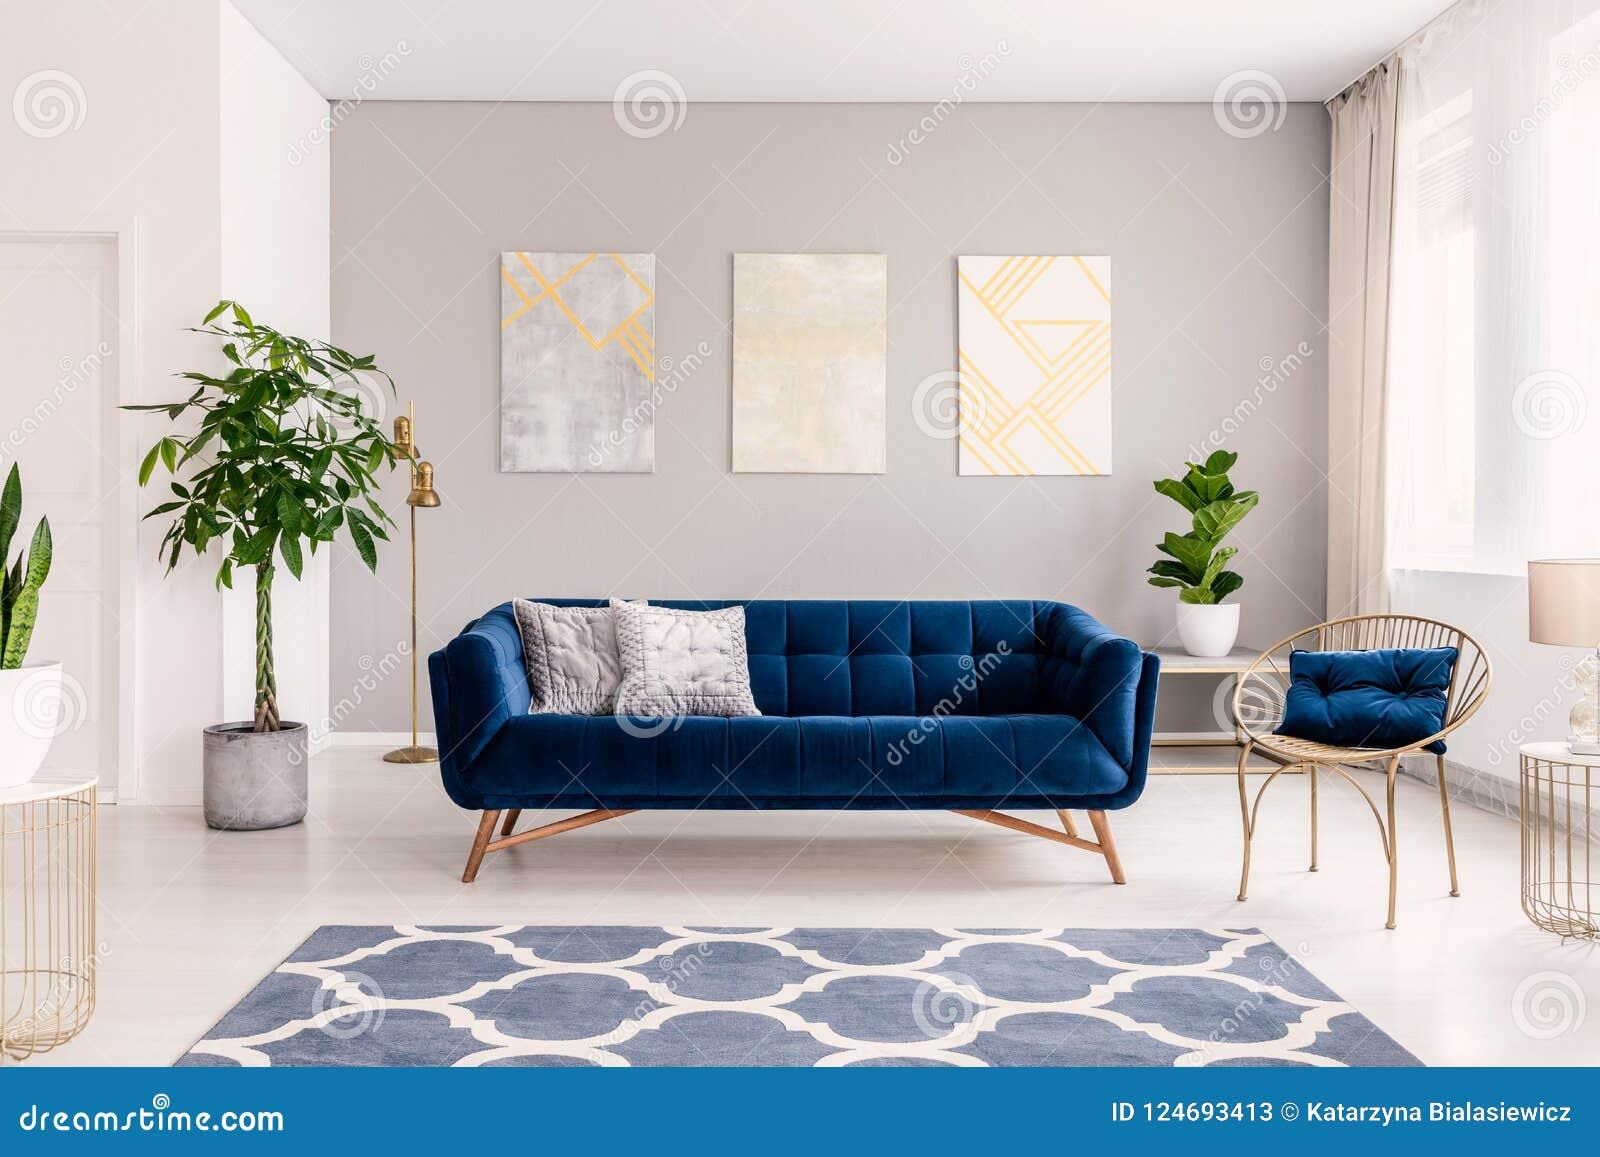 Soffa för kungliga blått med två kuddar som står i verkligt foto av den ljusa vardagsruminre med nya växter, fönster med gardiner